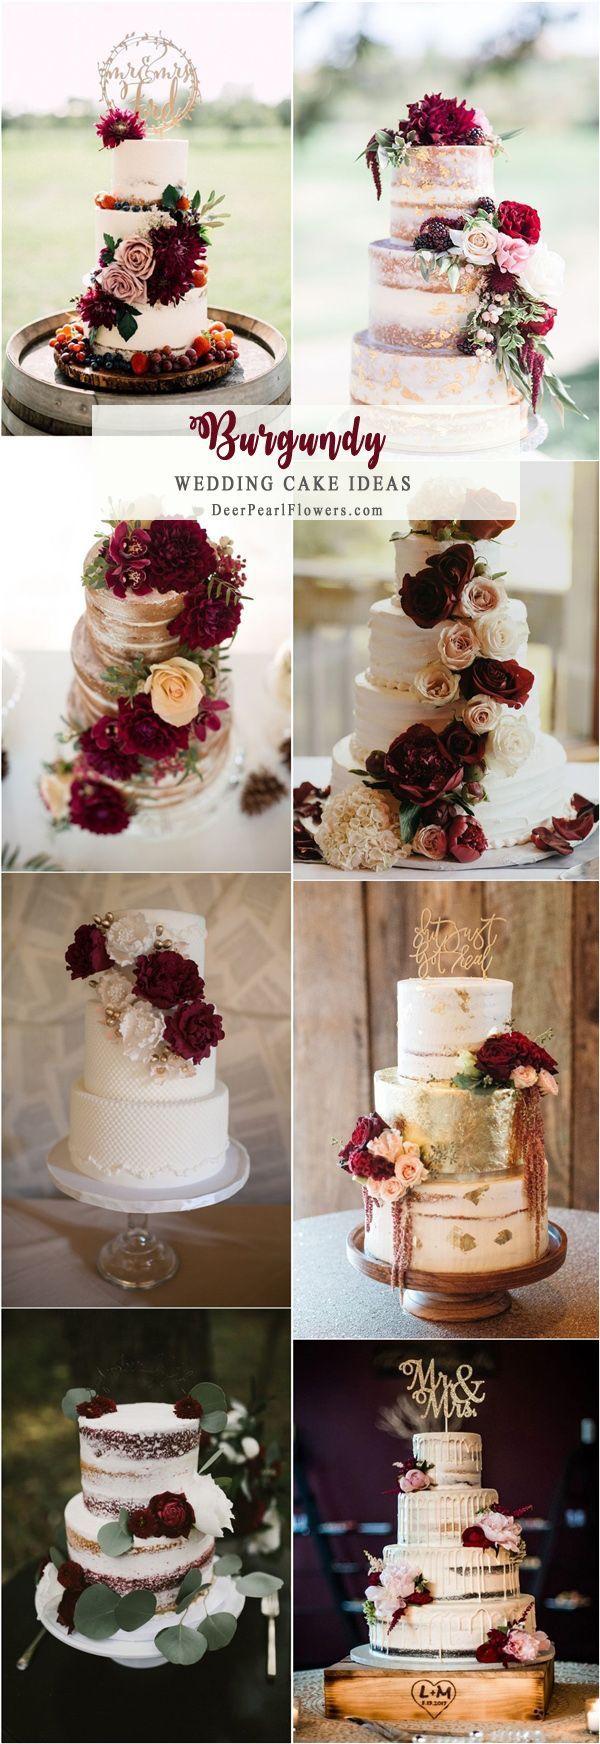 Burgundy wedding cakes #weddings #weddingcakes #cakes ❤️ http://www.deerpearlflowers.com/wedding-cake-trends/